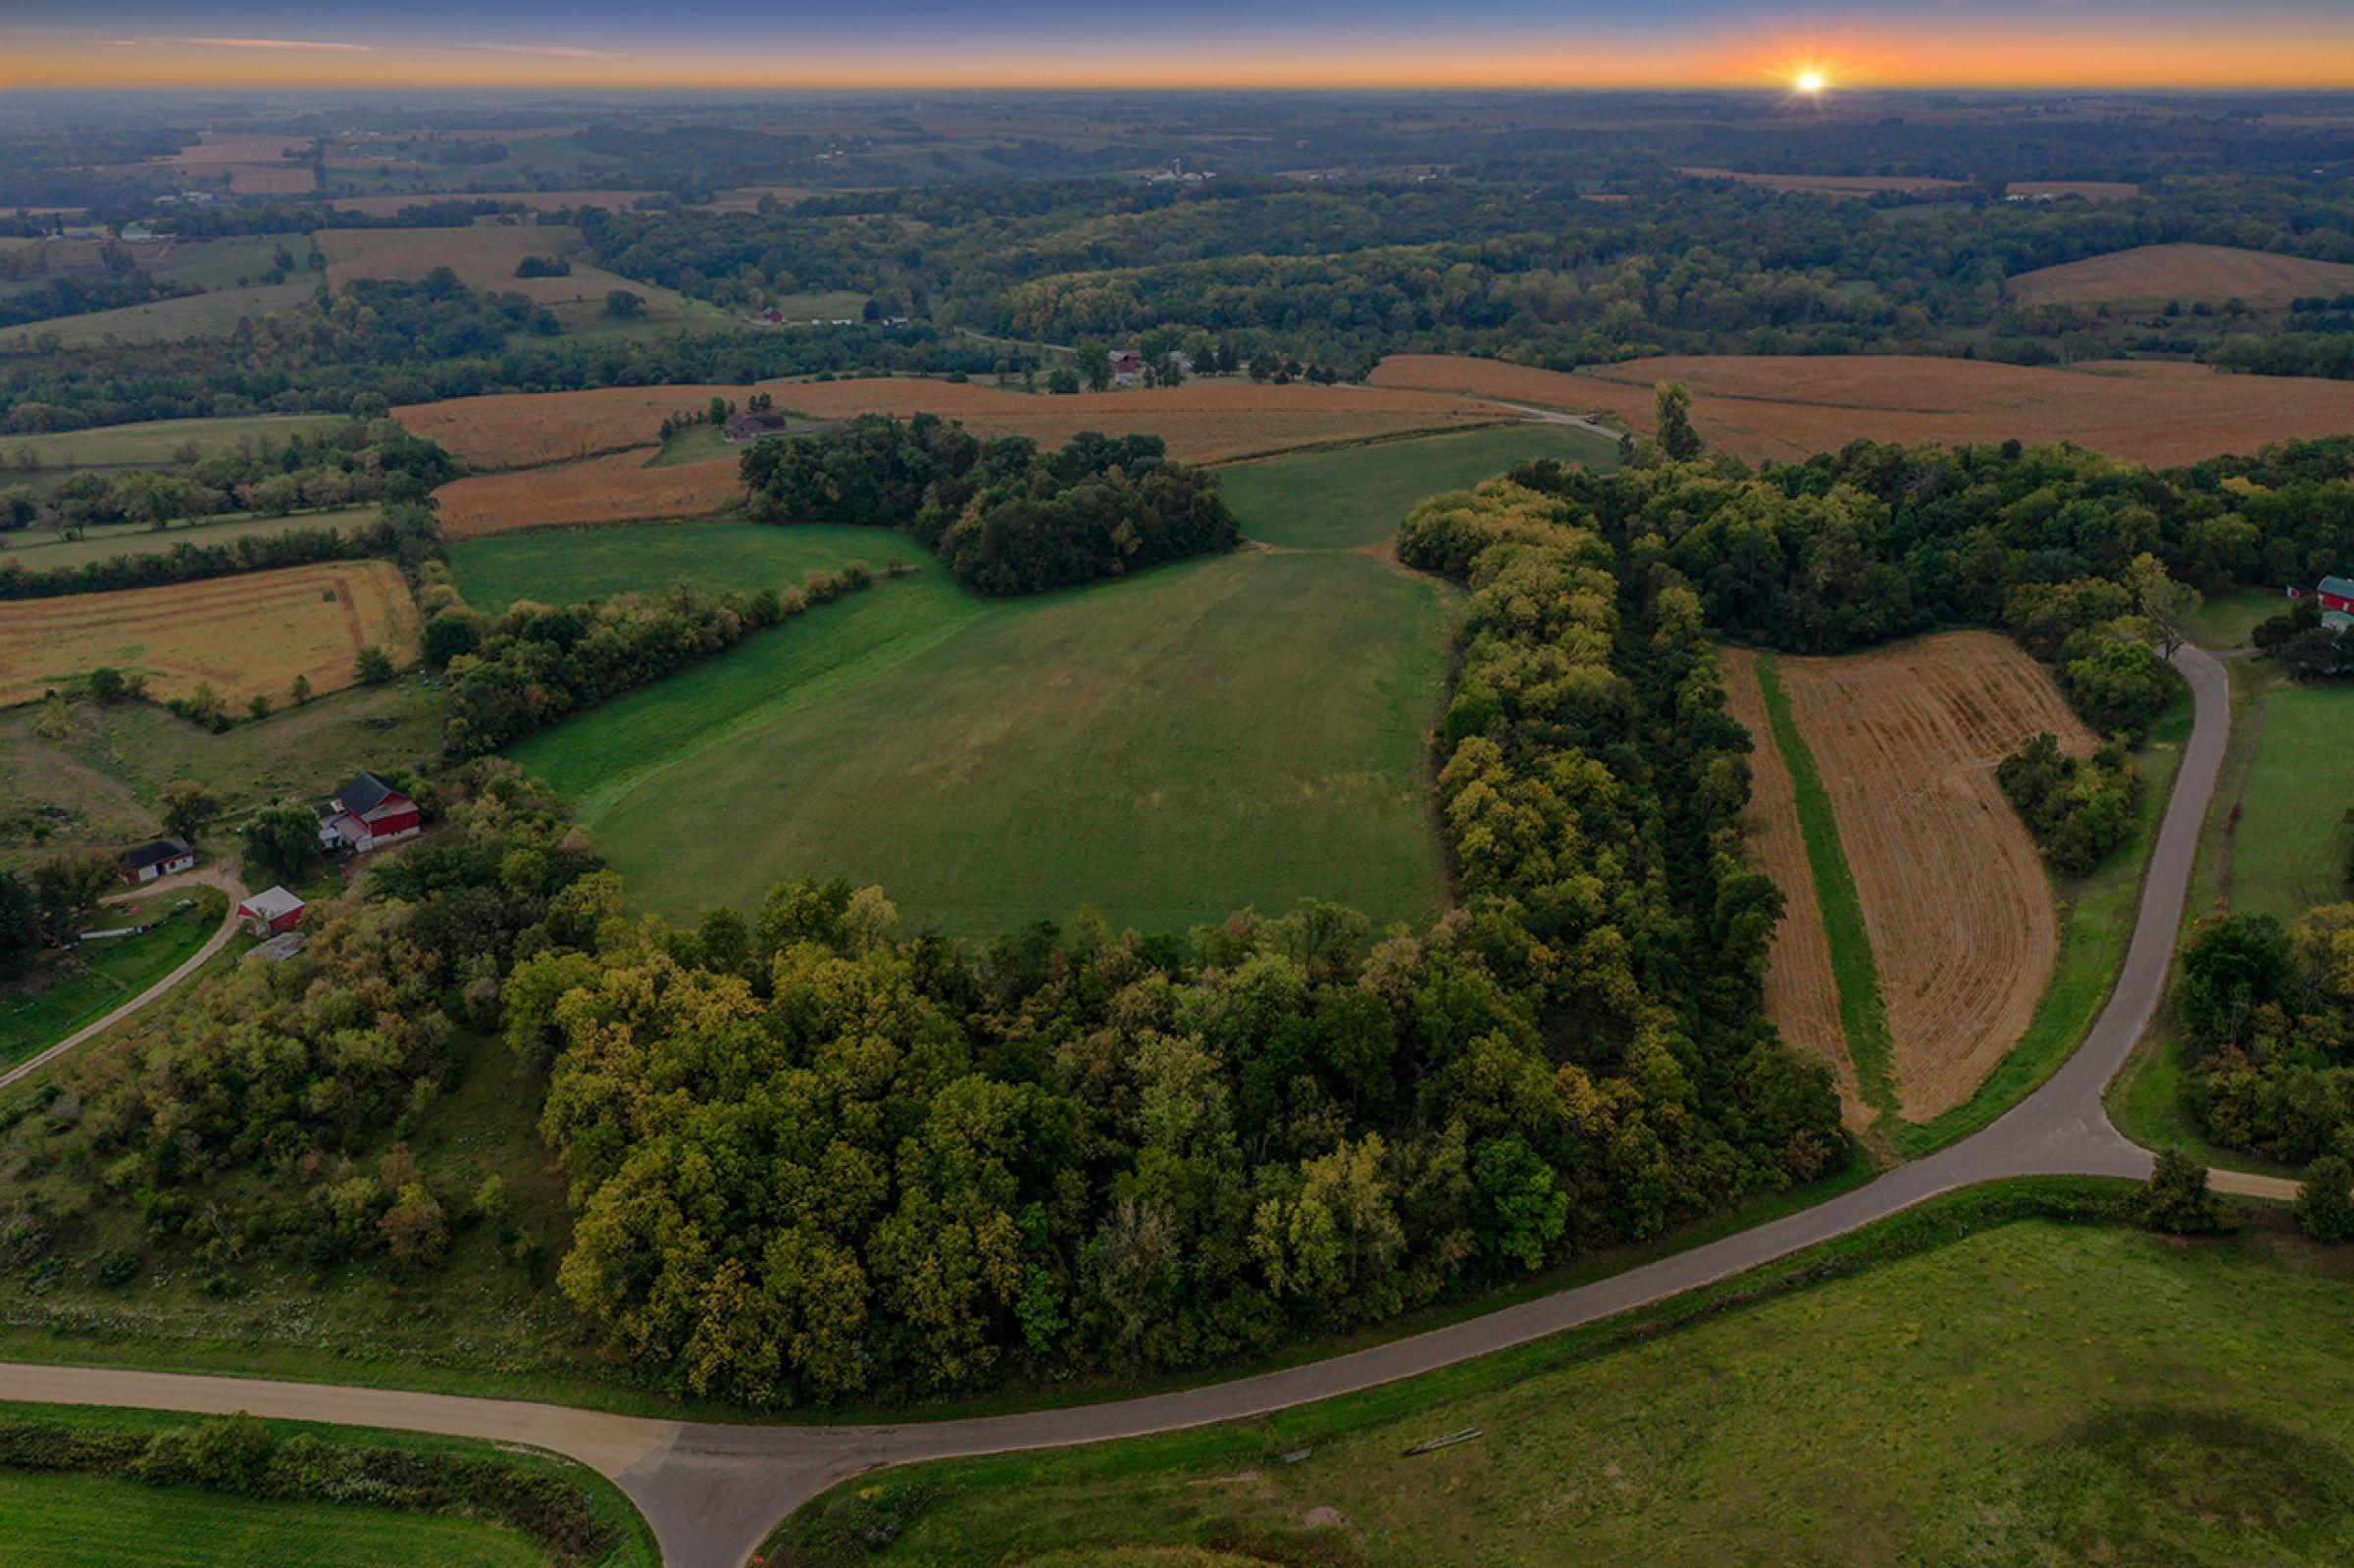 3-3320-apple-grove-church-road-argyle-53504-1-2021-09-21-154455.jpg